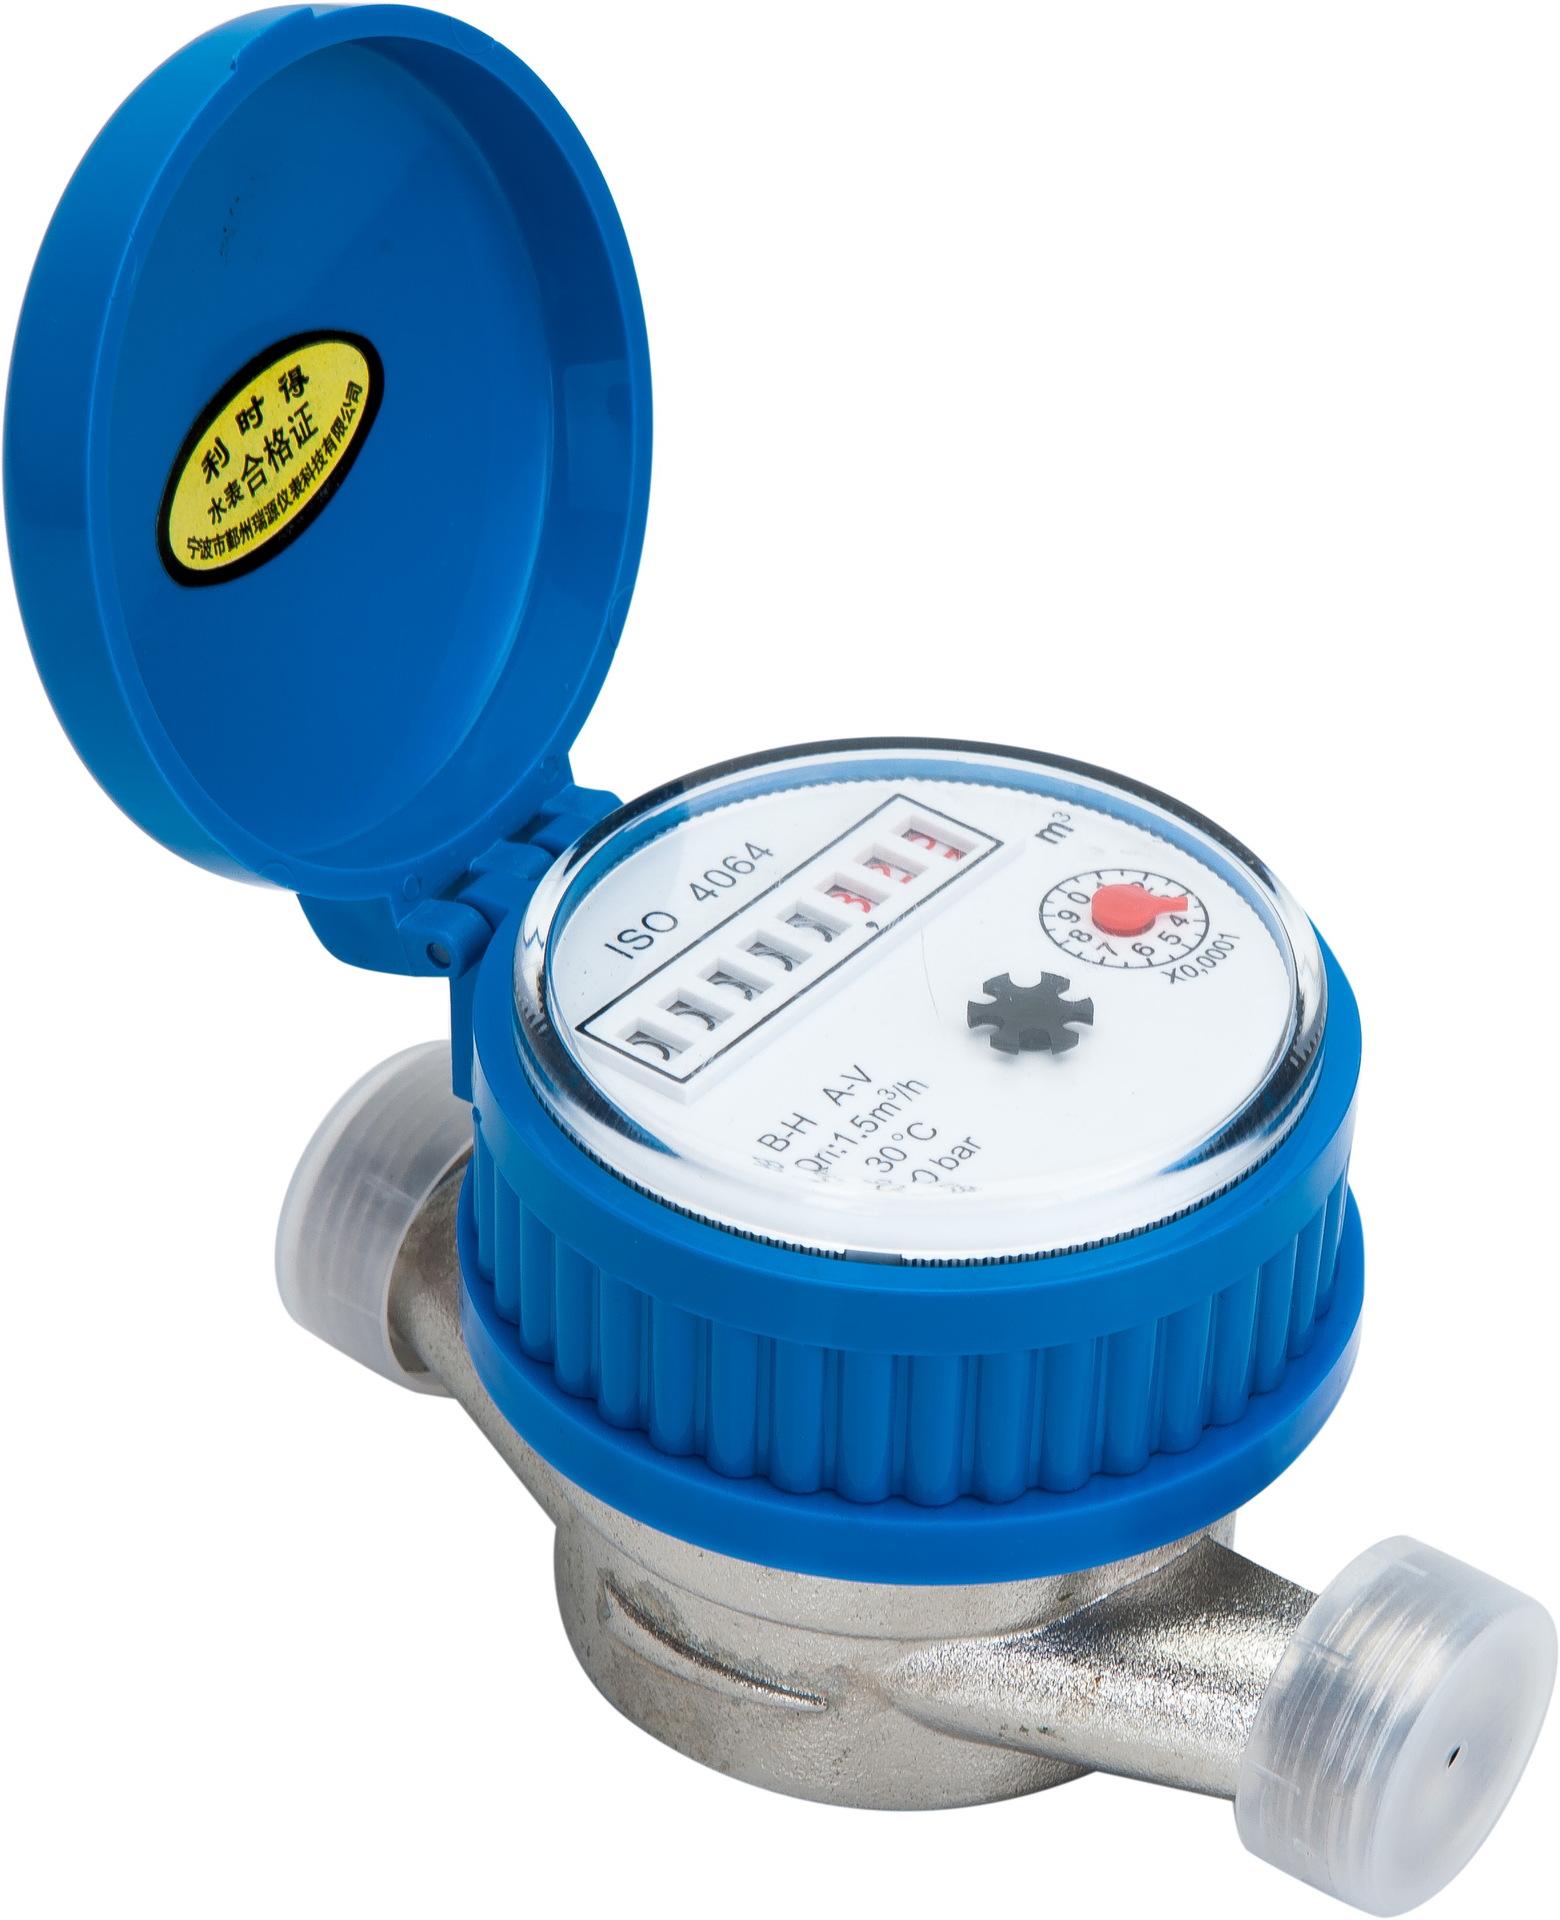 LISHIDE Đồng hồ nước Nhà máy bán hàng trực tiếp đồng hồ đo lưu lượng khô loại B đồng hồ đo lưu lượng